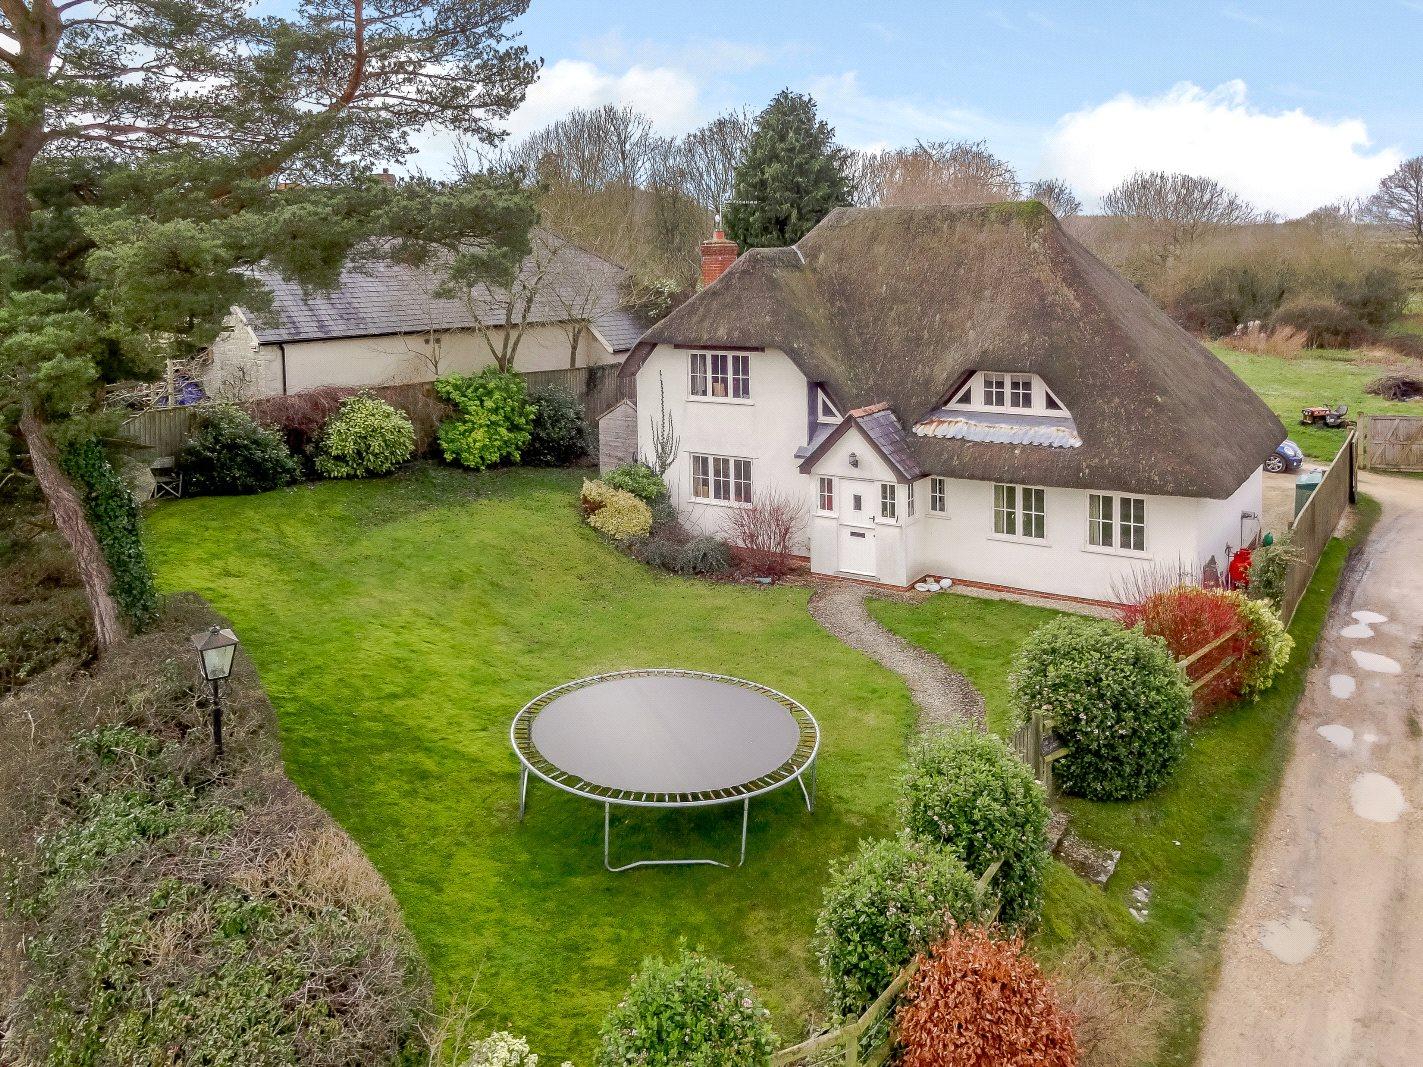 Частный дом для того Продажа на Lower Chicksgrove, Tisbury, Salisbury, SP3 Salisbury, Англия